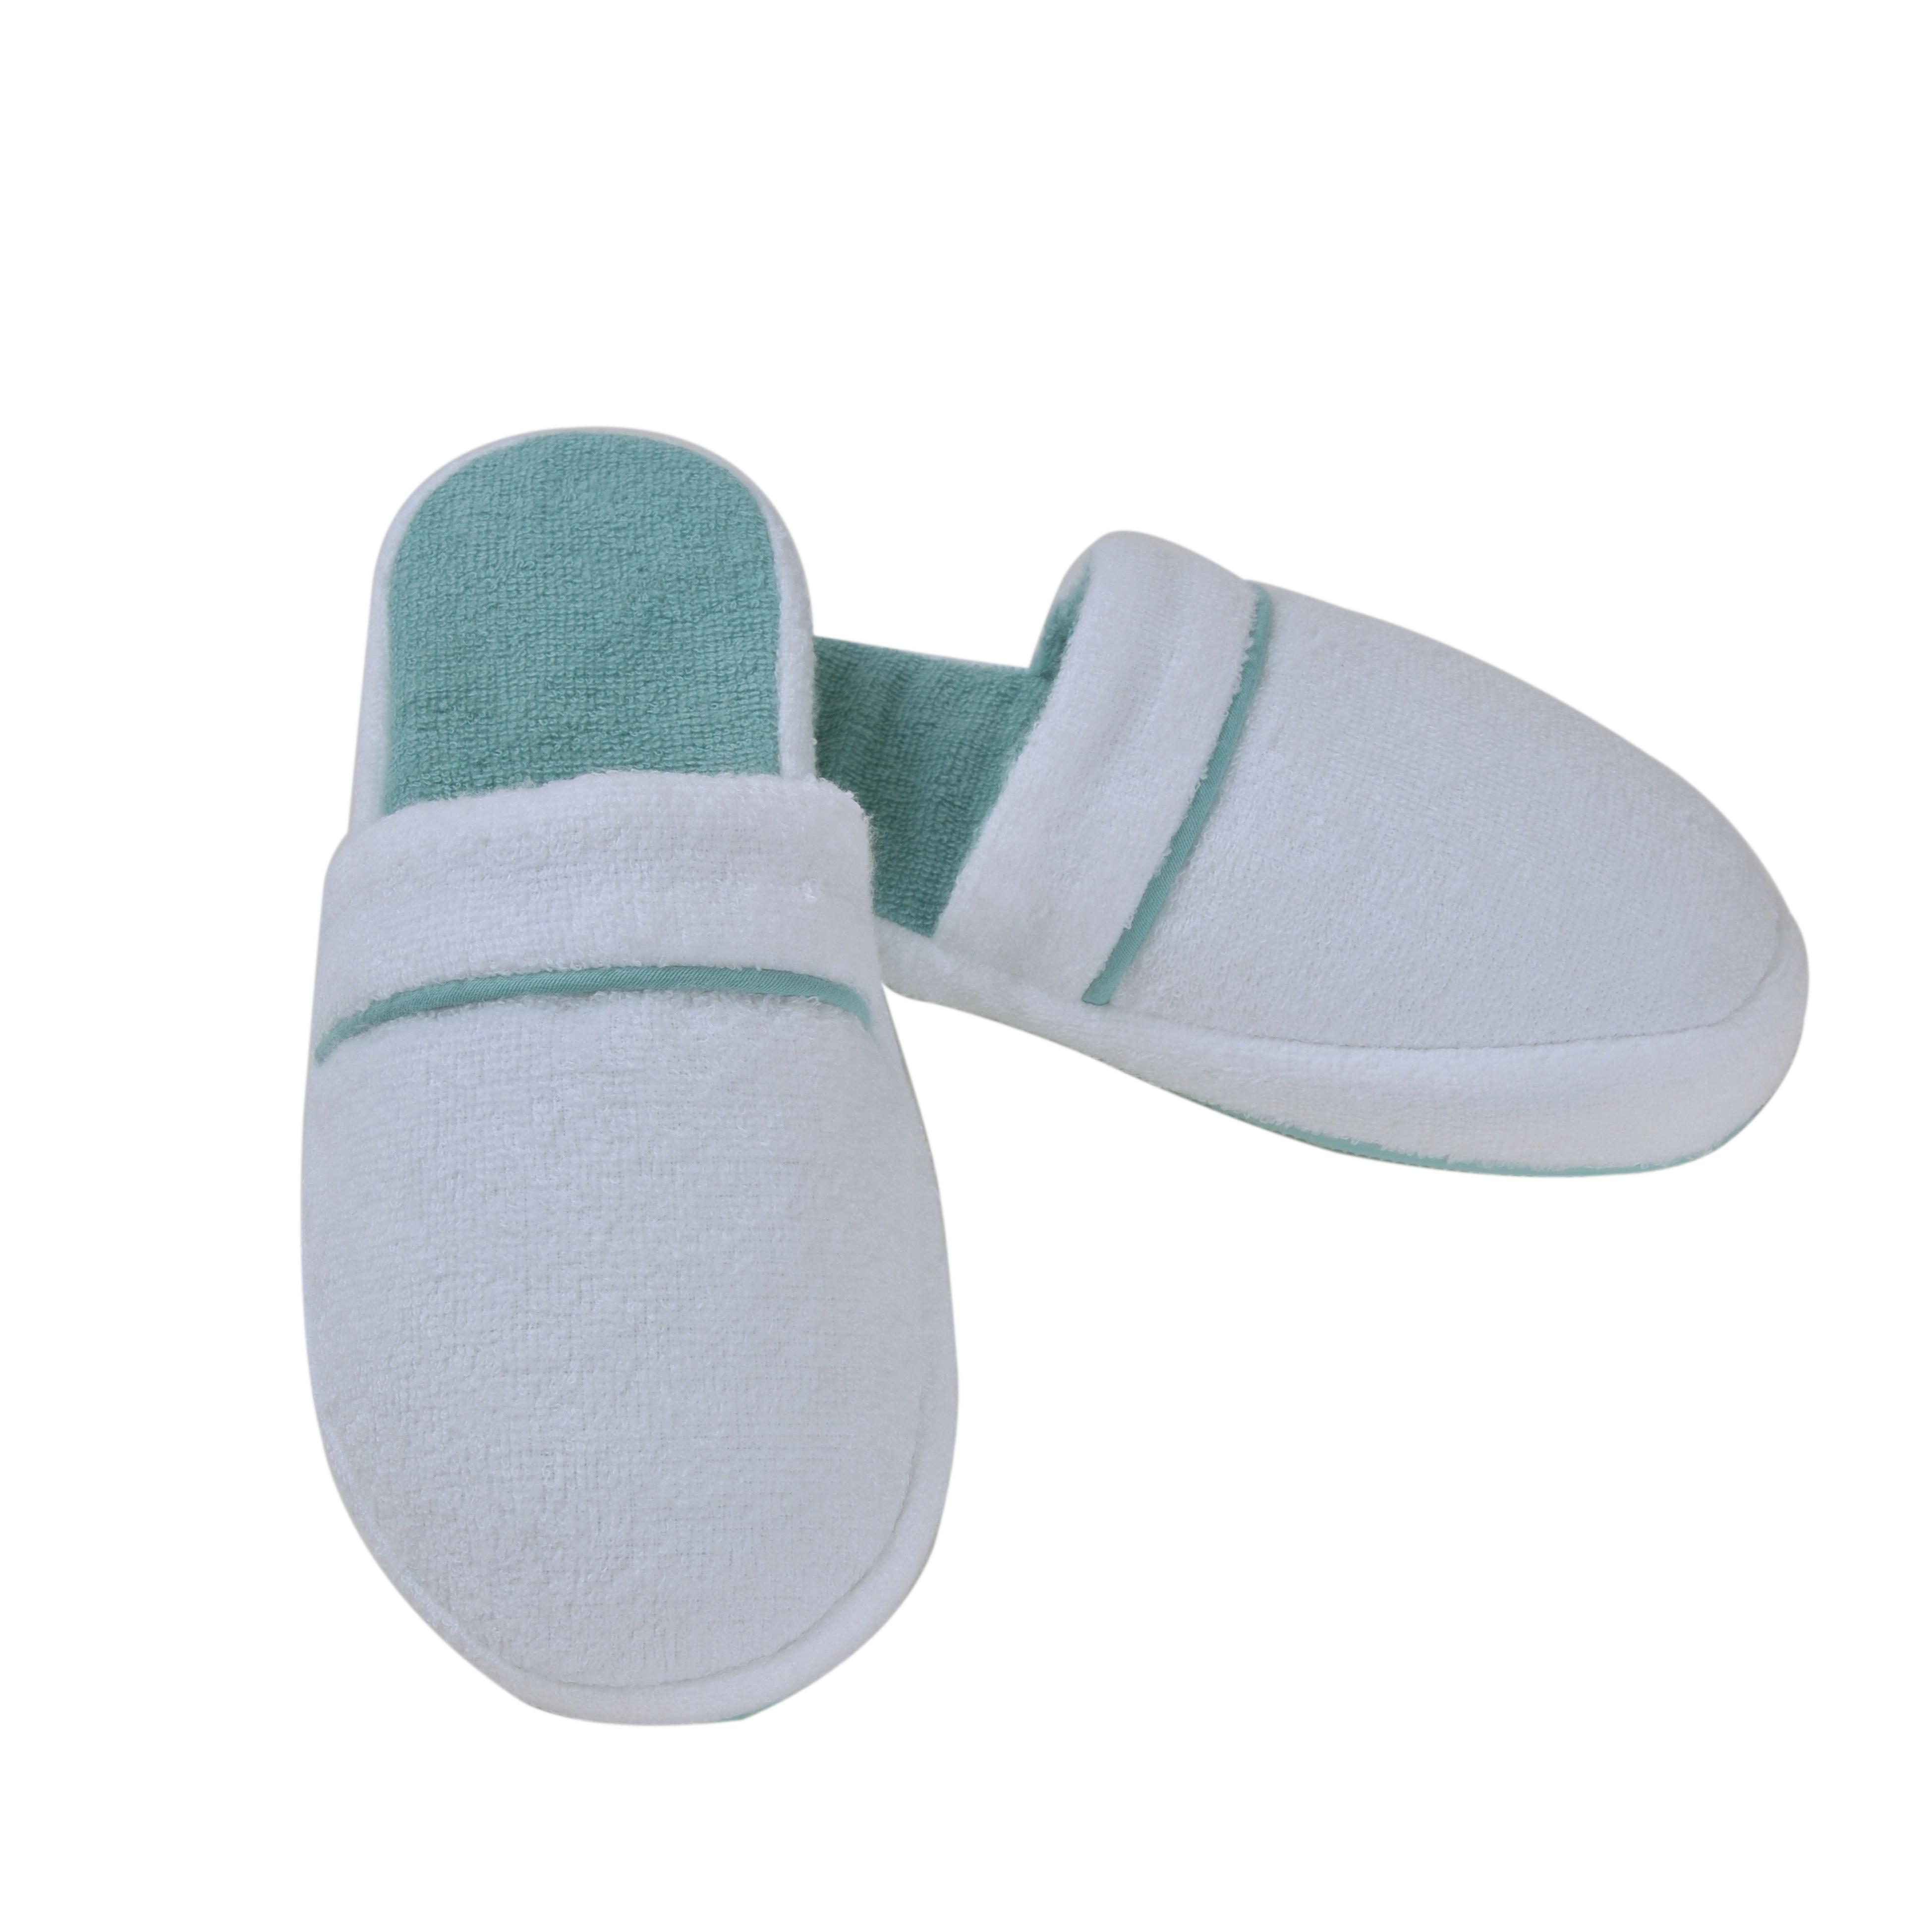 Тапочки Qashmare Contrast Цвет: Белый, Бирюзовый (38-39) HAMAM ham436749